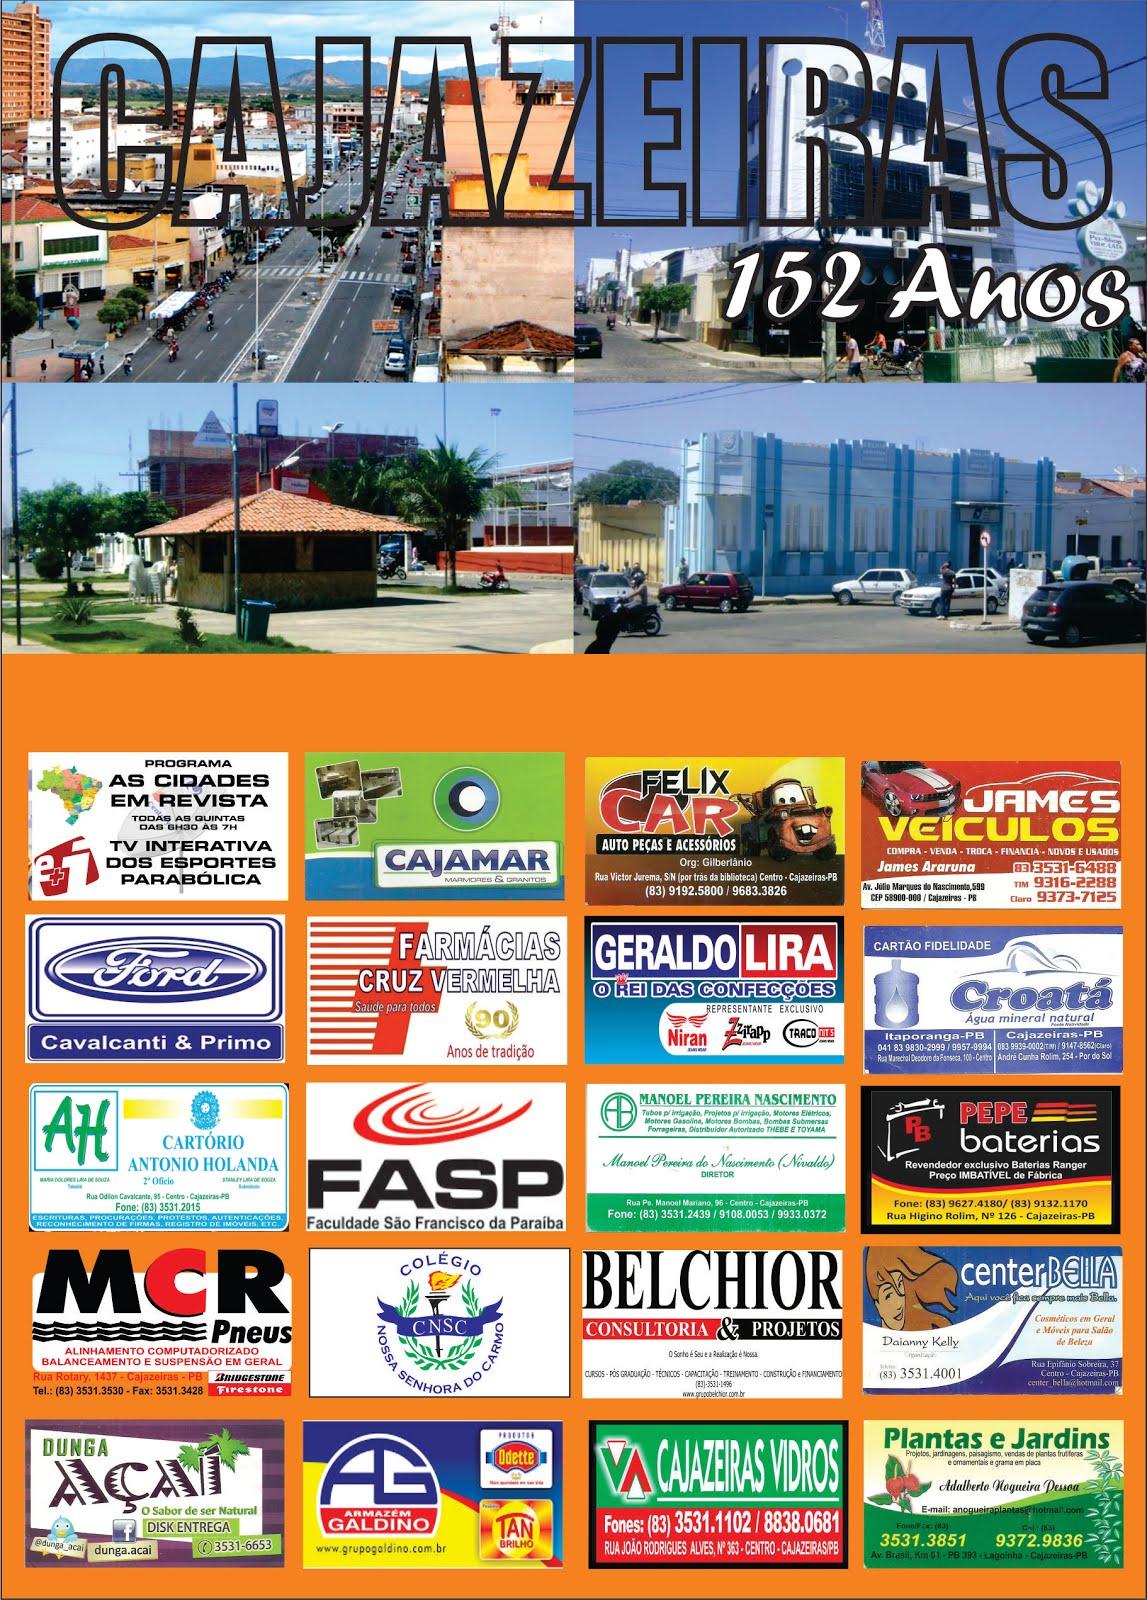 EM CARTAZ  LANÇAMENTO DA FESTA  DE ANIVERSÁRIO DE CAJAZEIRAS PB  152 ANOS